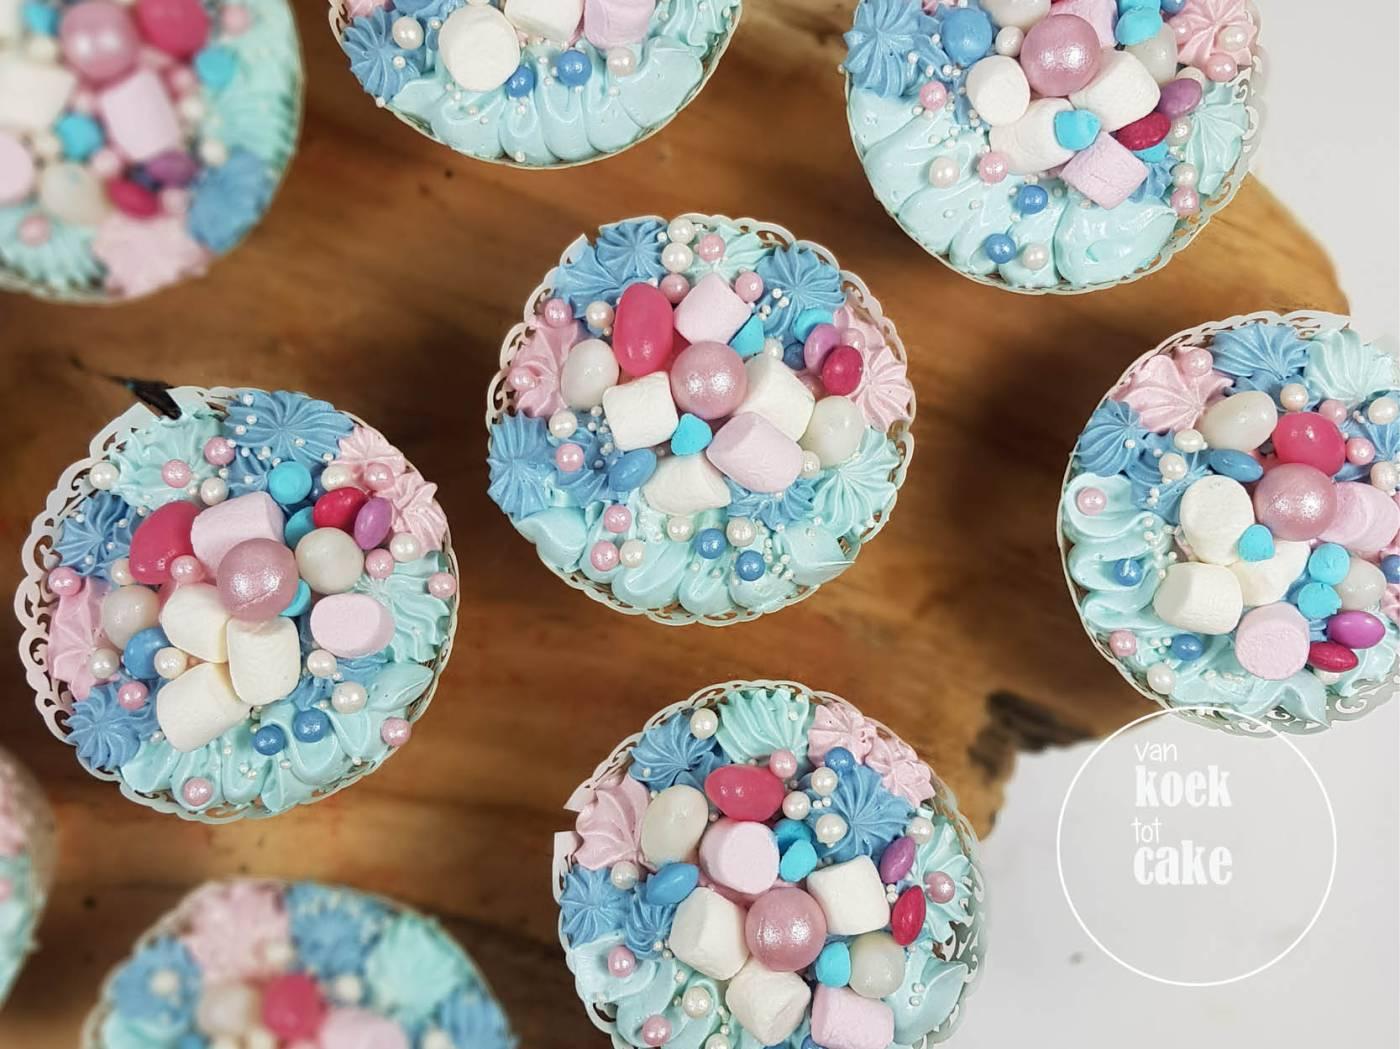 Gender reveal party cupcakes en taart | Bestellen Vlissingen Middelburg Oost-Souburg